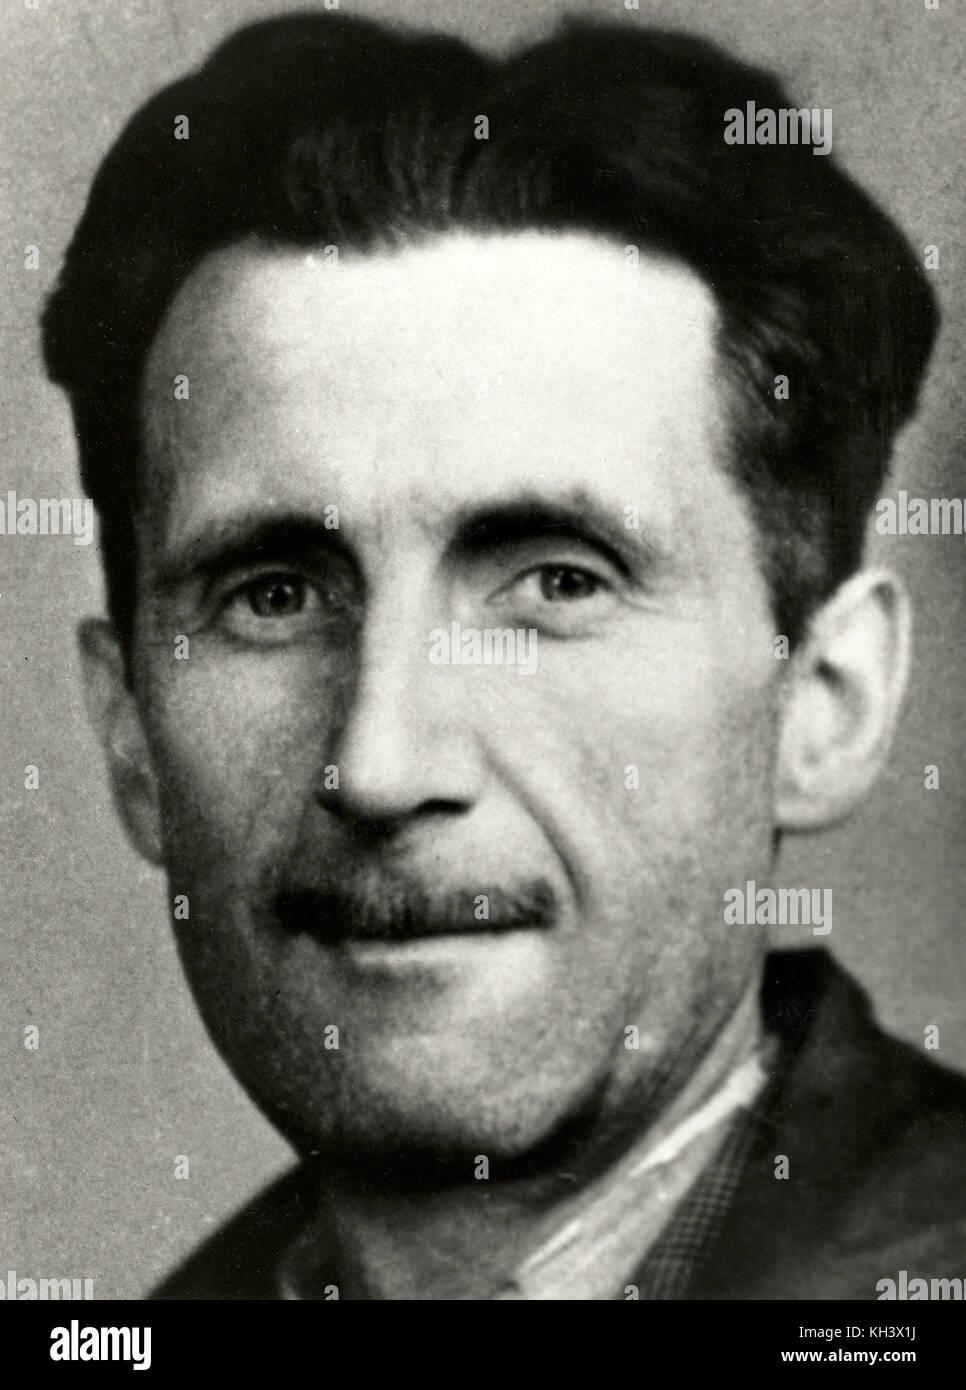 George Orwell, Eric Arthur Blair, George Orwell, English novelist - Stock Image